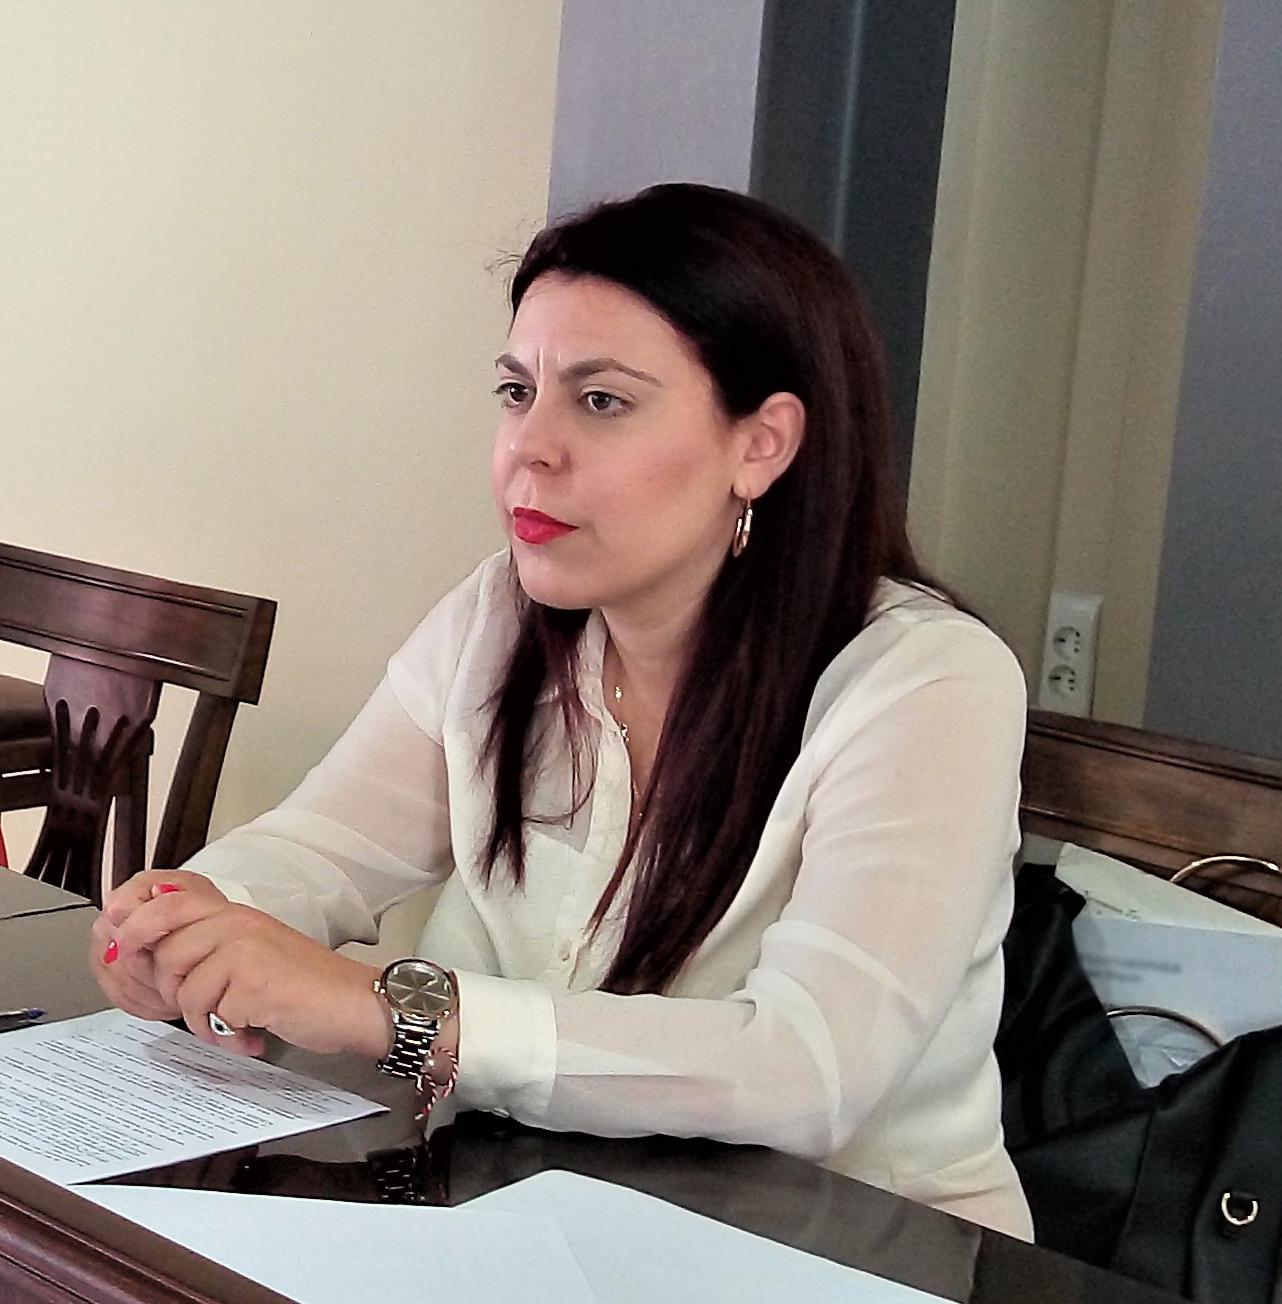 Δήμος Αρχαίας Ολυμπίας: Πέντε Αντιδημάρχους όρισε ο Δήμαρχος Αρχαίας Ολυμπίας Γ. Γεωργιόπουλος